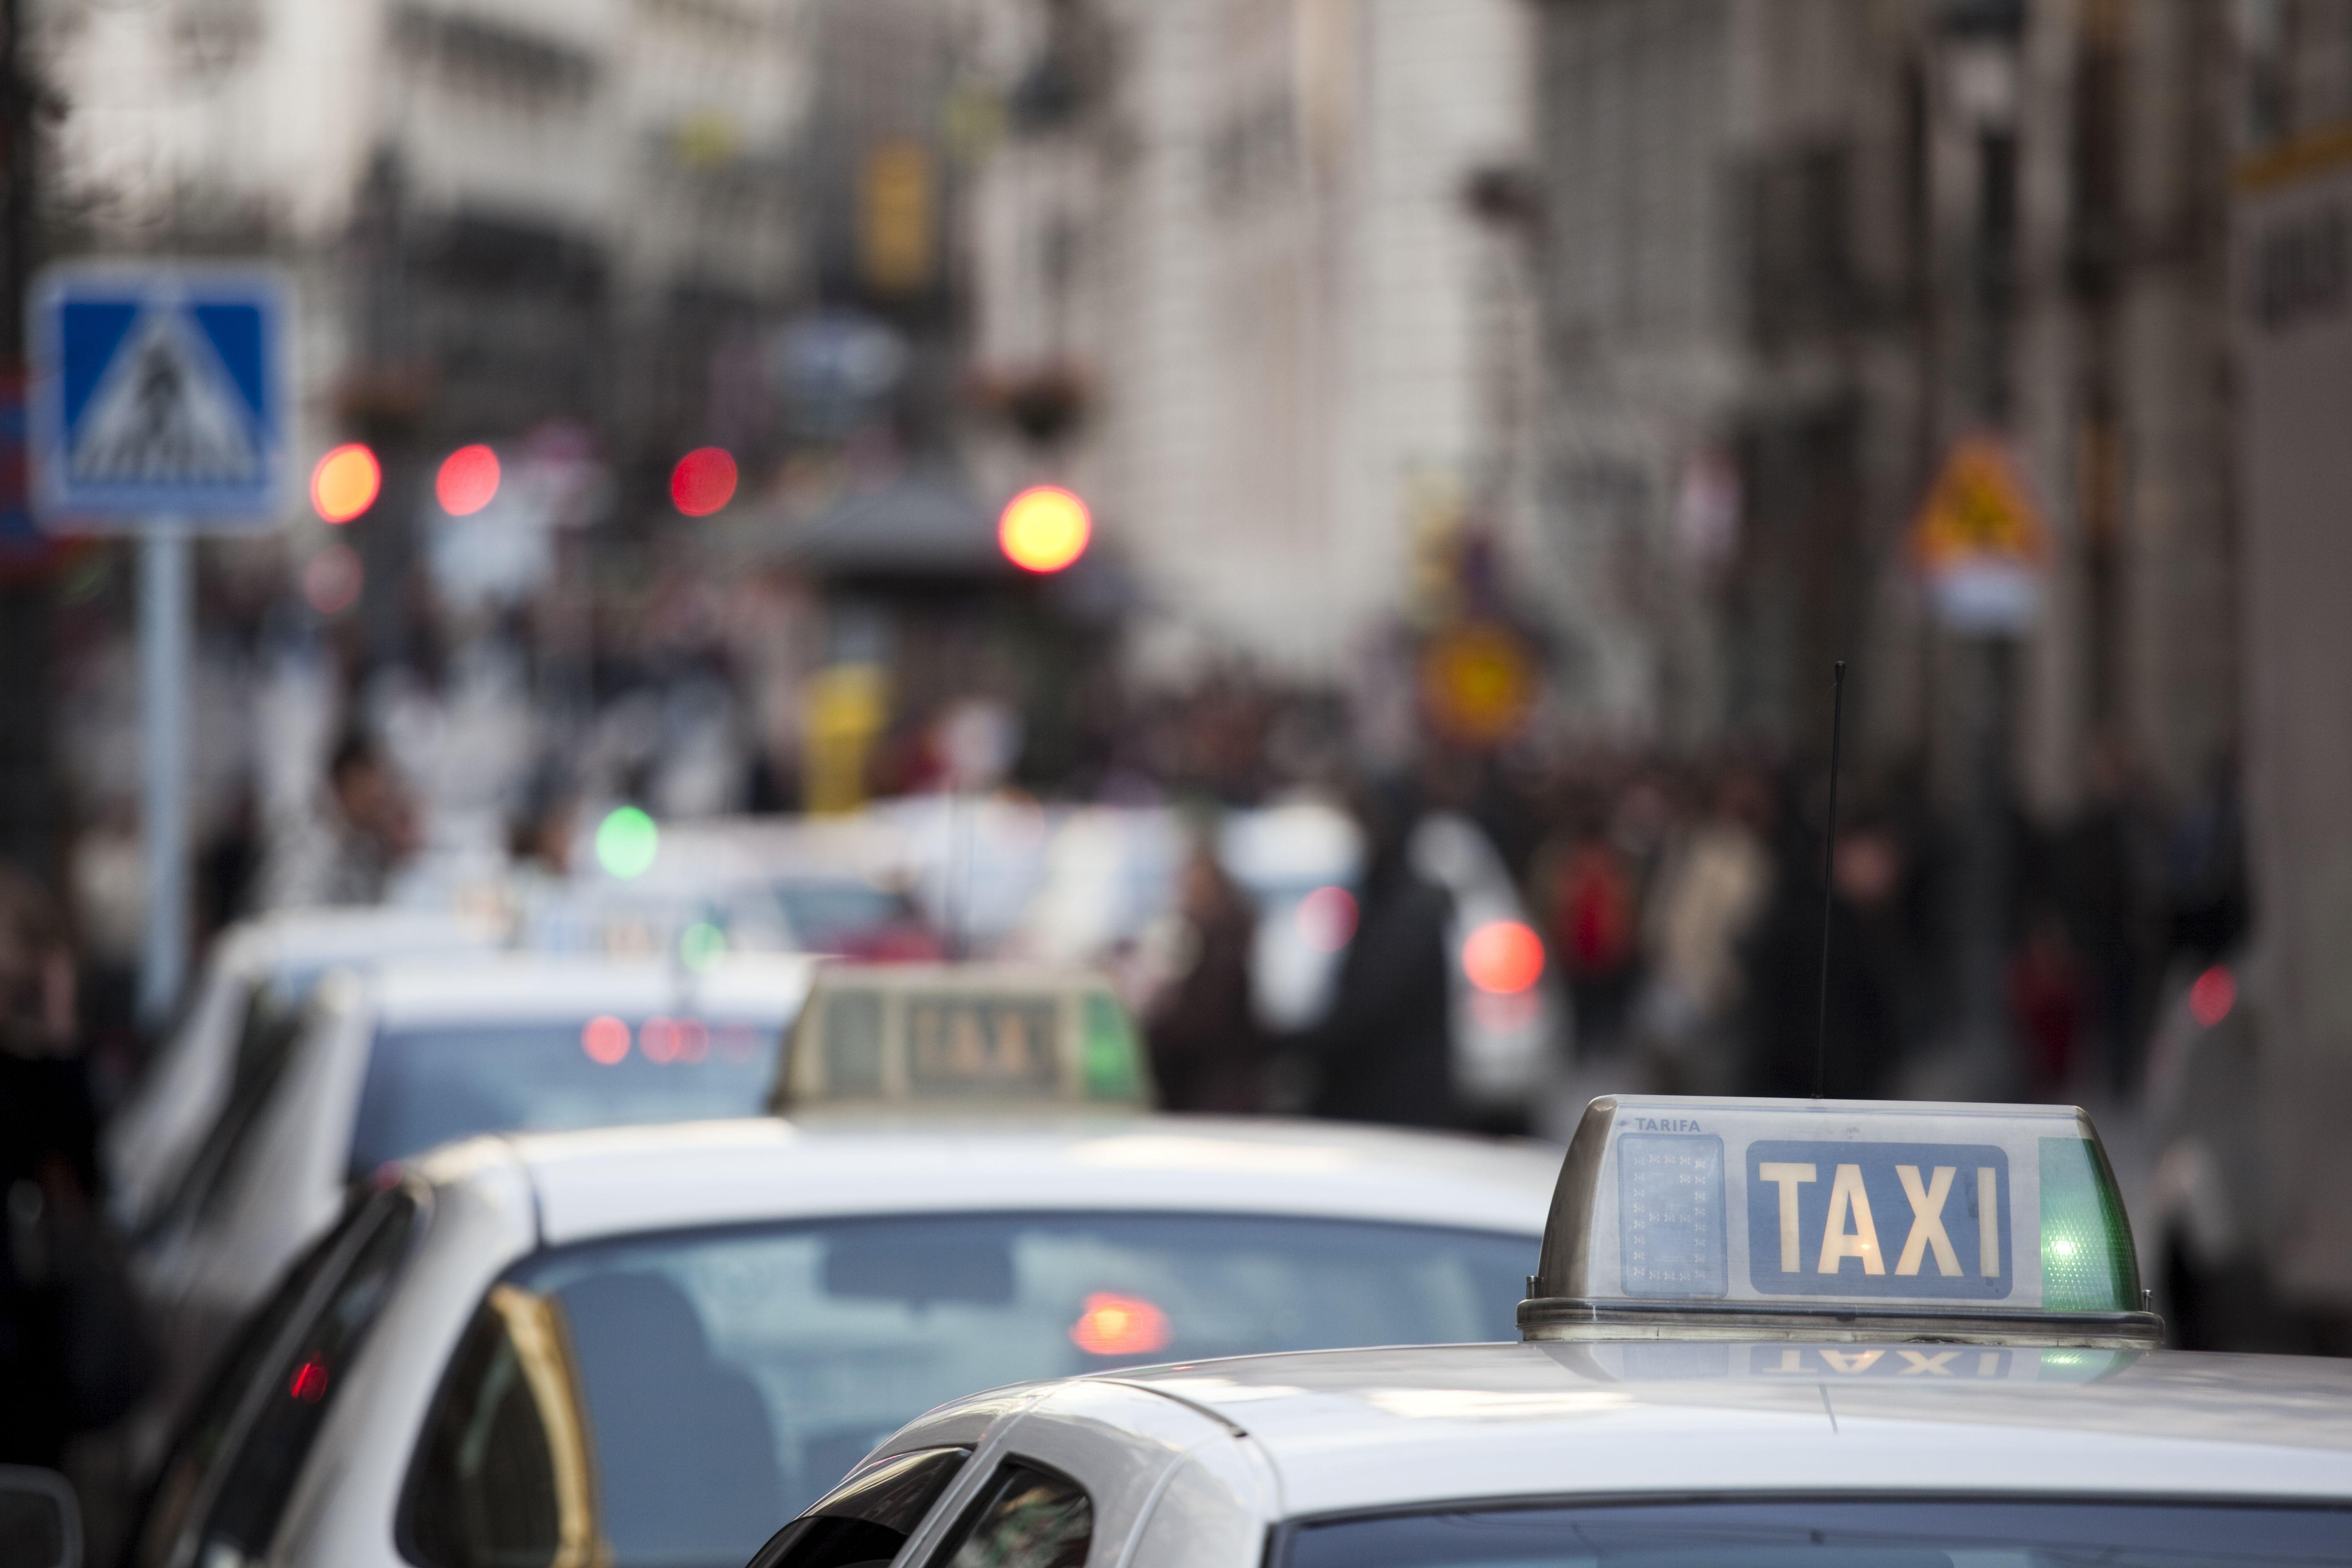 Amplia flota de vehículos: Servicios de Taxis Aeropuerto Madrid